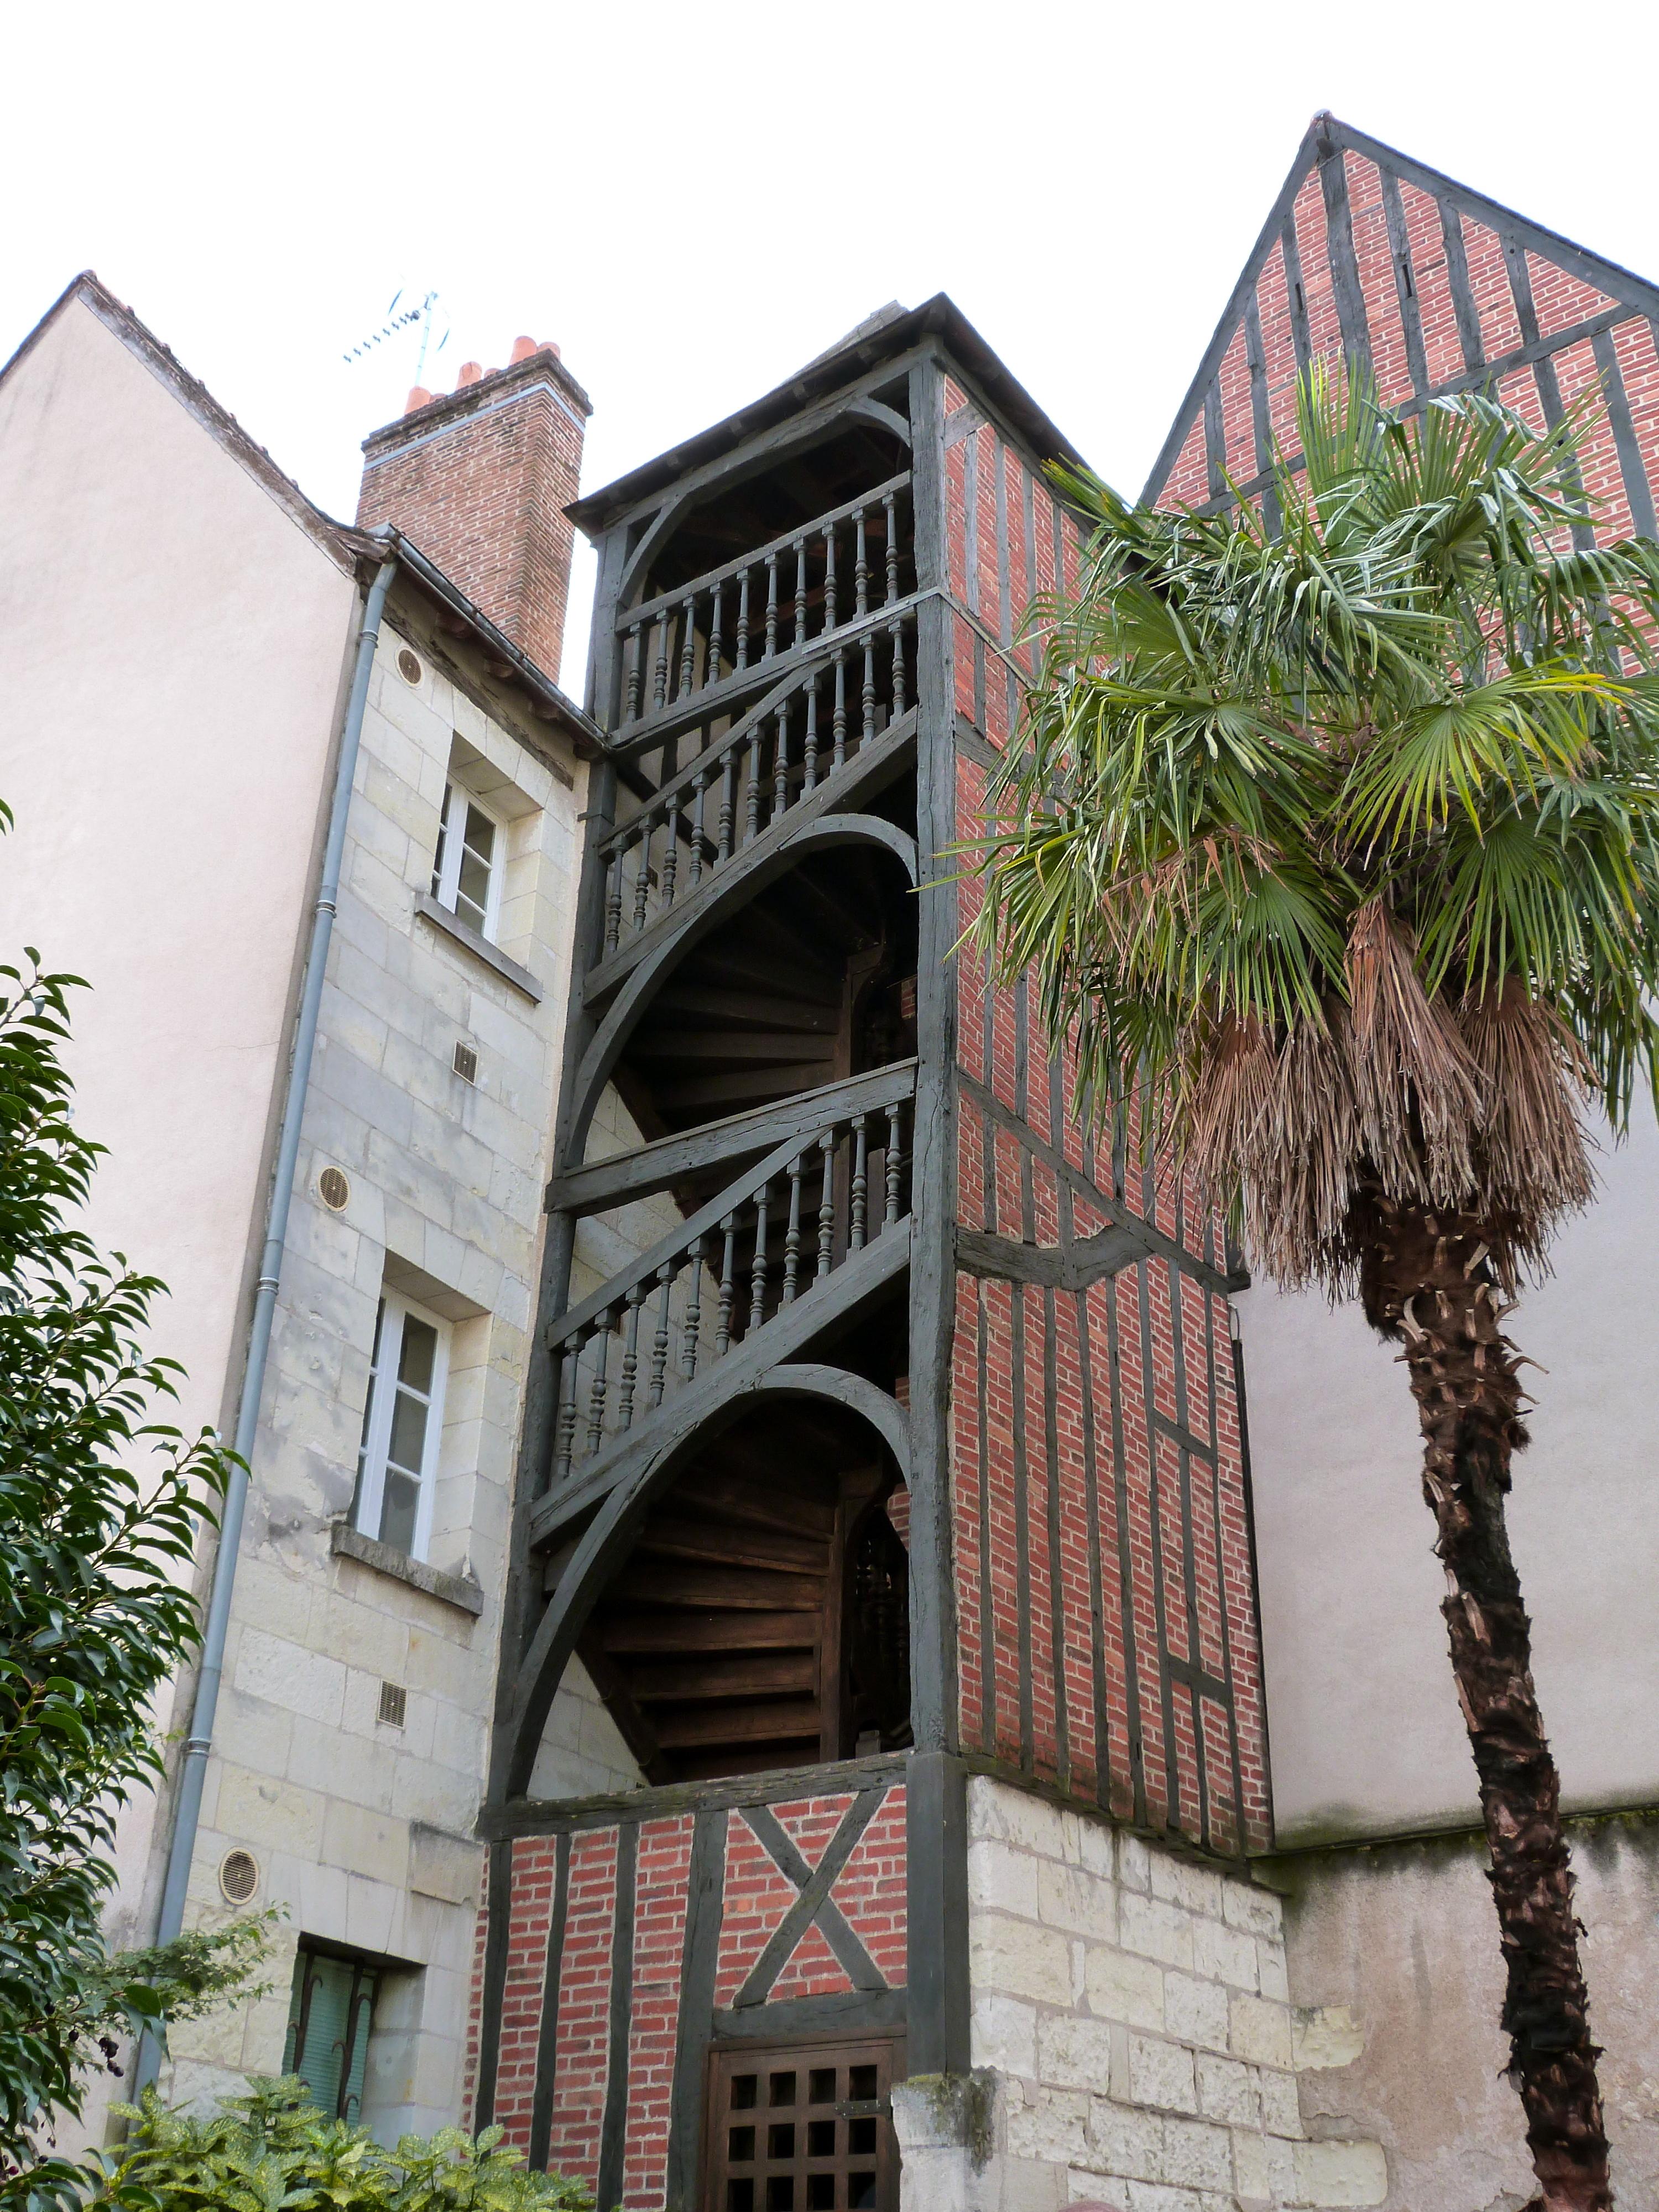 Escalier Dans La Maison file:escalier de la maison du 32 rue briçonnet a tours